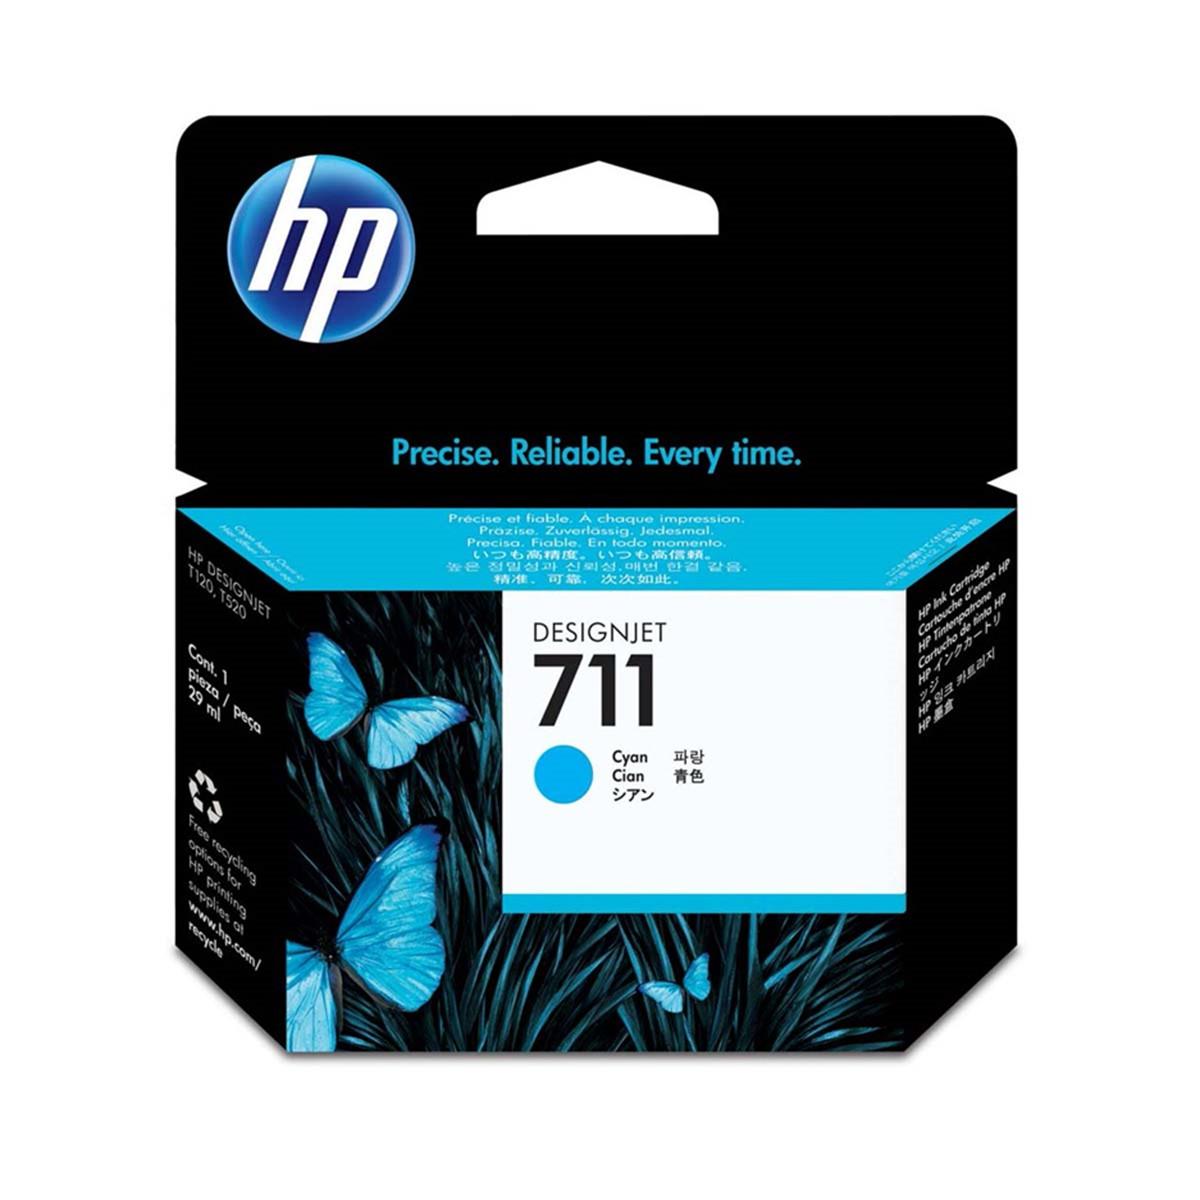 Cartucho de Tinta HP 711 Ciano CZ130A | Plotter T120 T520 CQ891A CQ890A CQ893A | Original 29ml